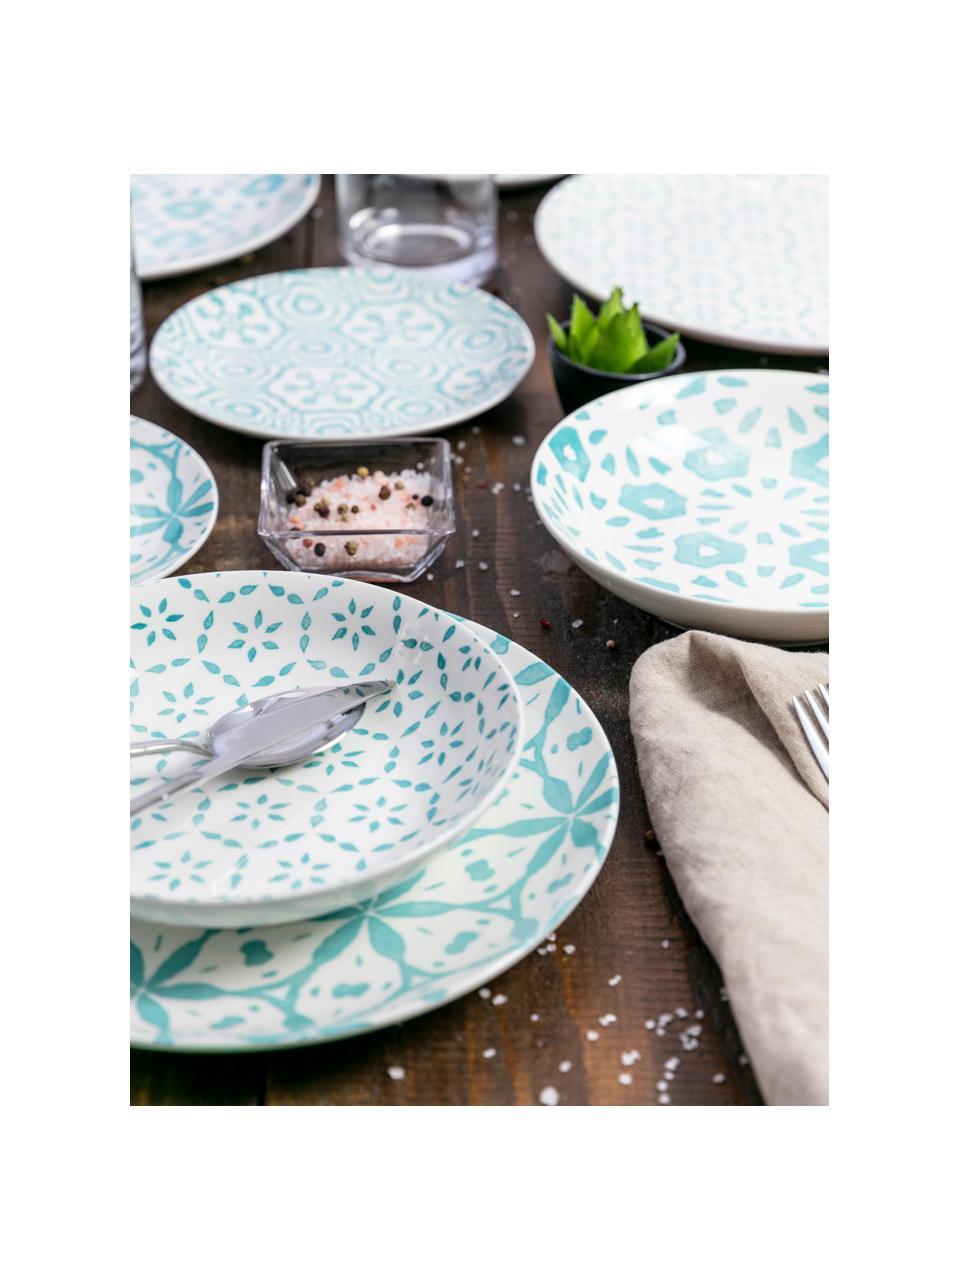 Set 18 piatti per 6 persone Bodrum, Porcellana, Turchese, bianco, Set in varie misure